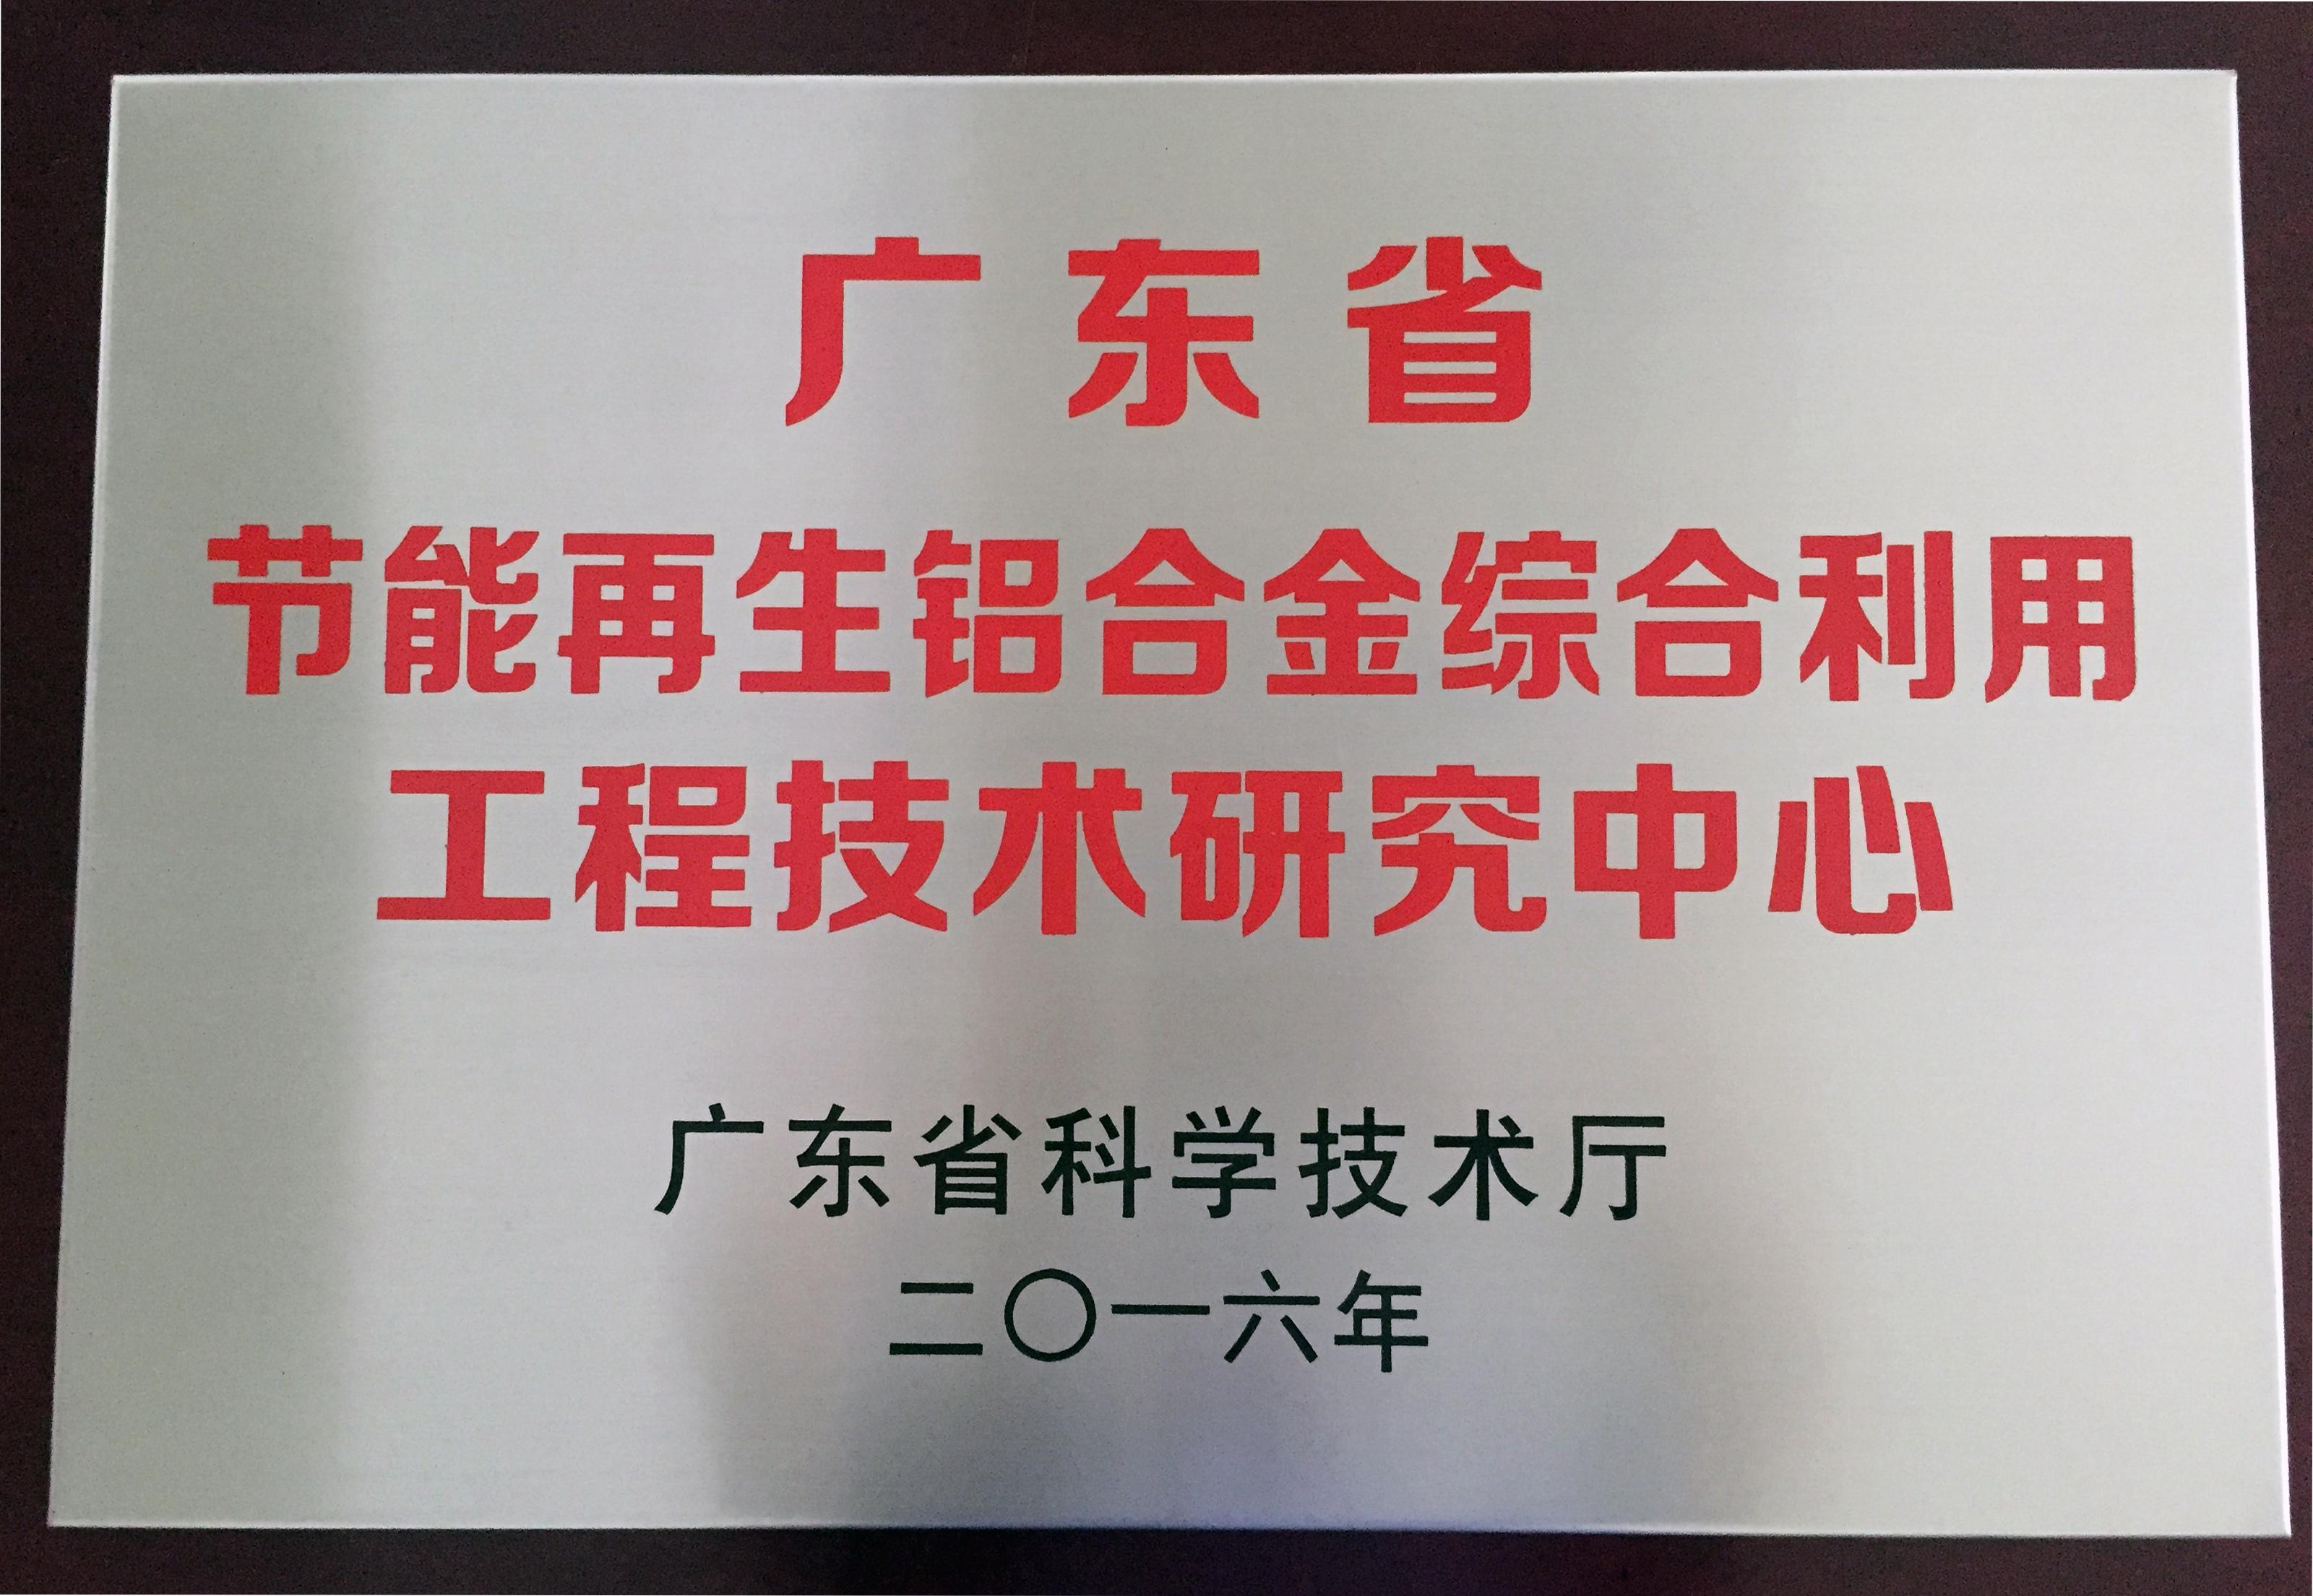 2016-广东省节能再生铝合金综合利用工程技术研究中心